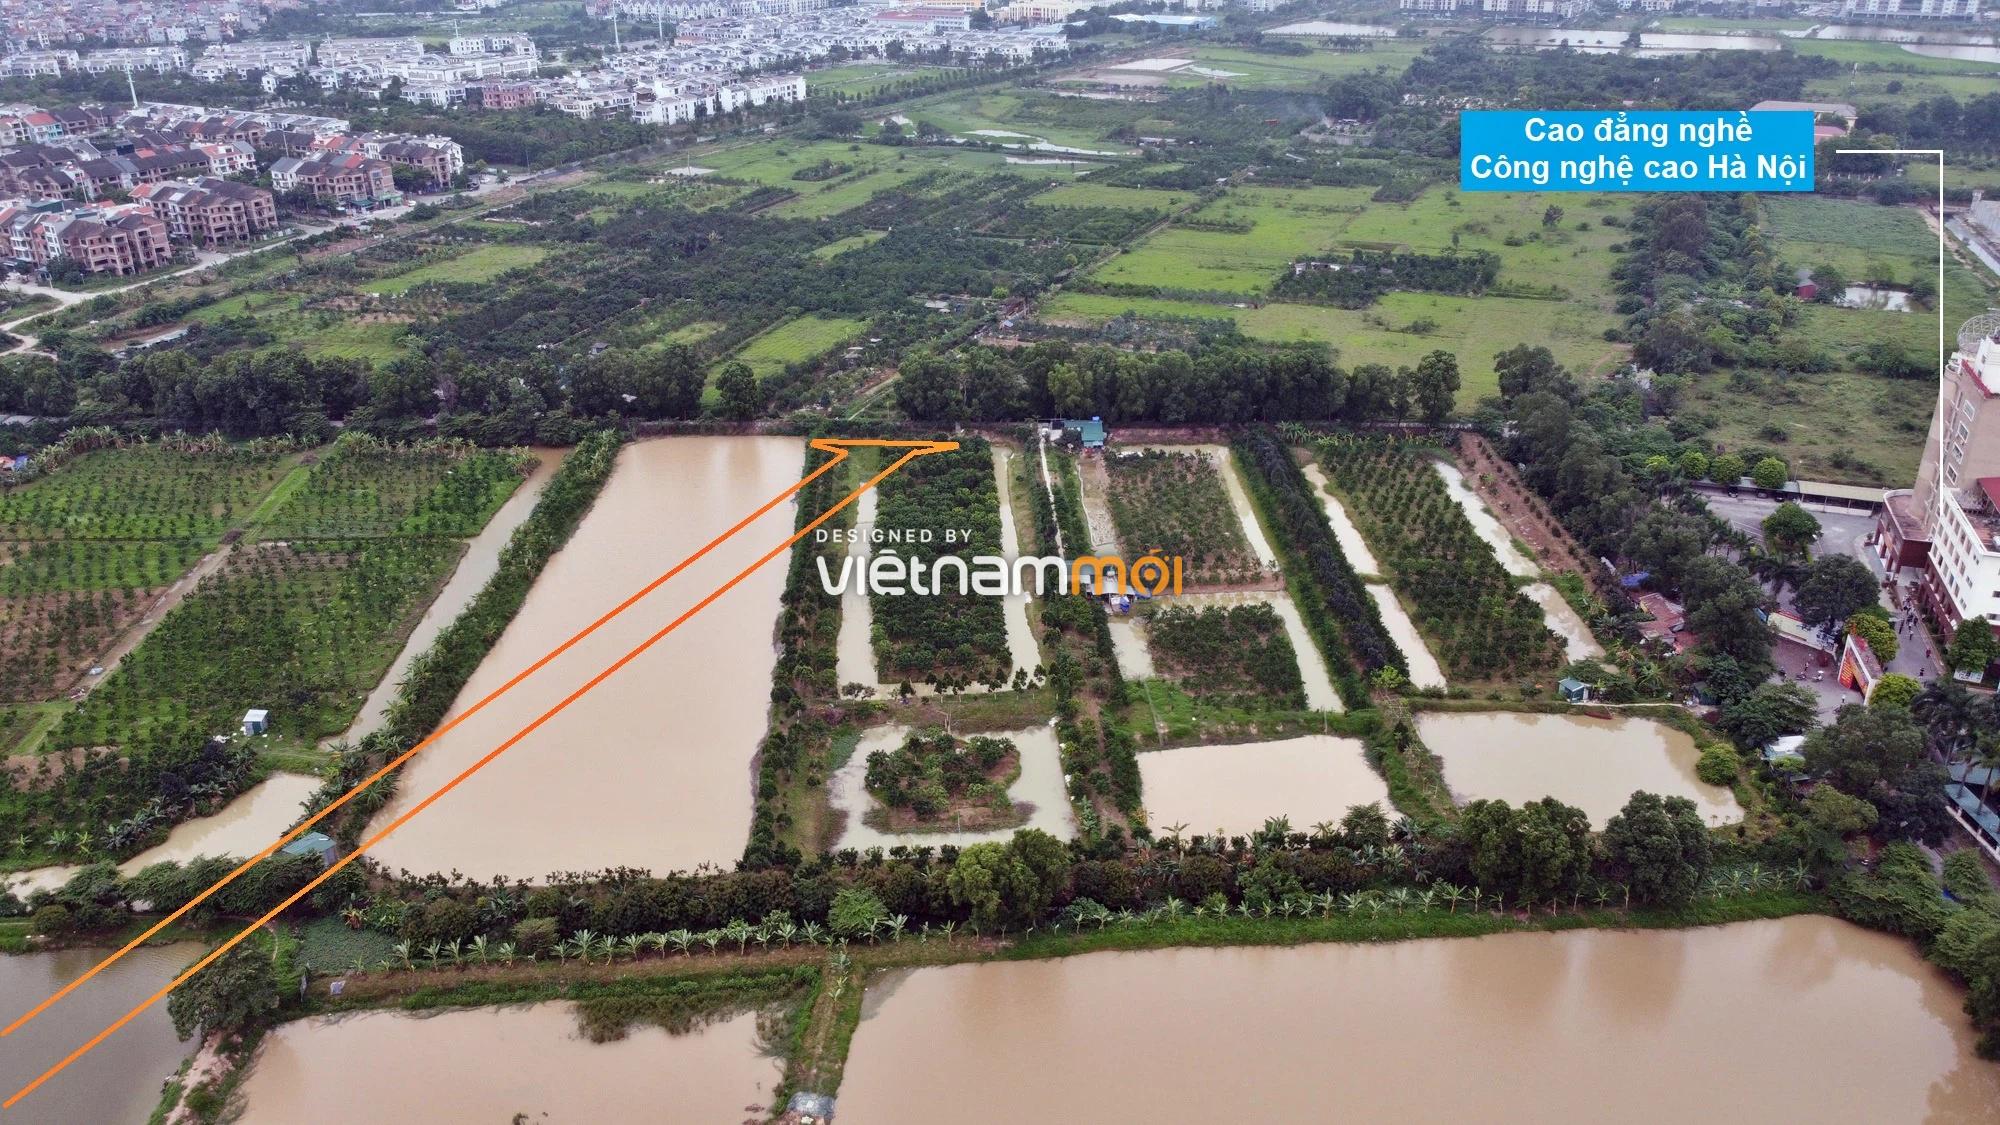 Những khu đất sắp thu hồi để mở đường ở phường Tây Mỗ, Nam Từ Liêm, Hà Nội (phần 3) - Ảnh 5.